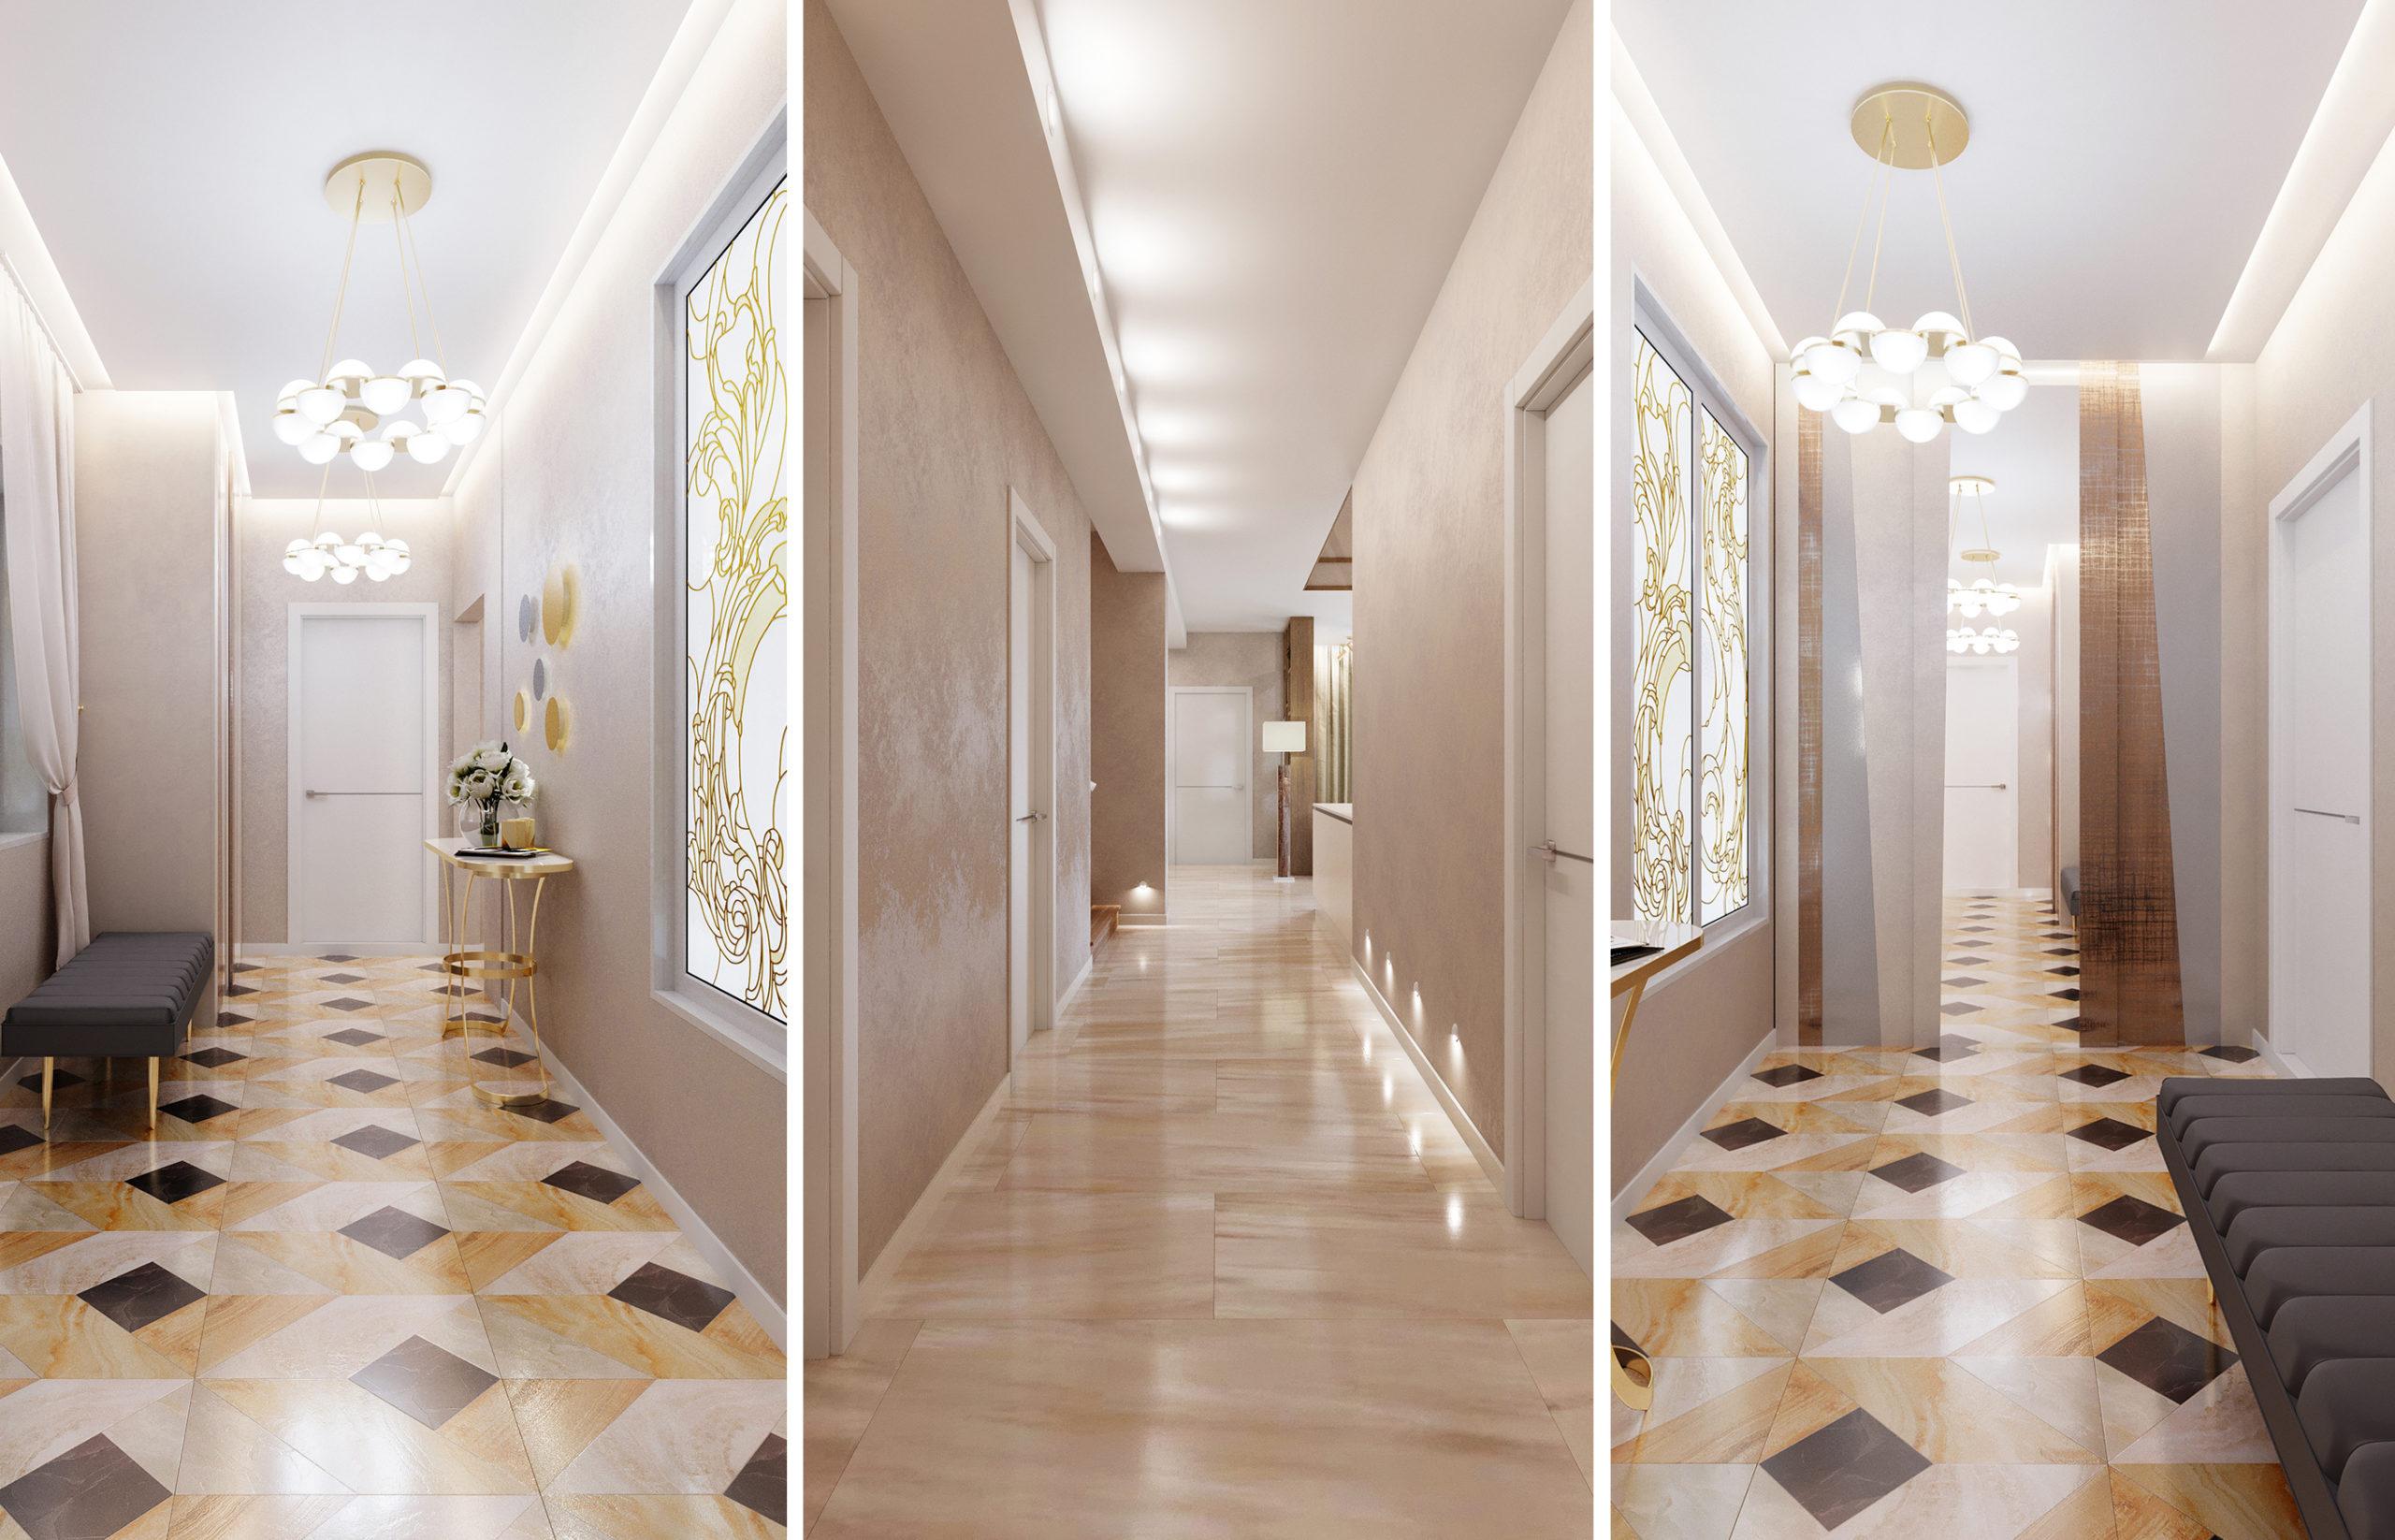 Дизайн интерьера прихожей с витражными окнами